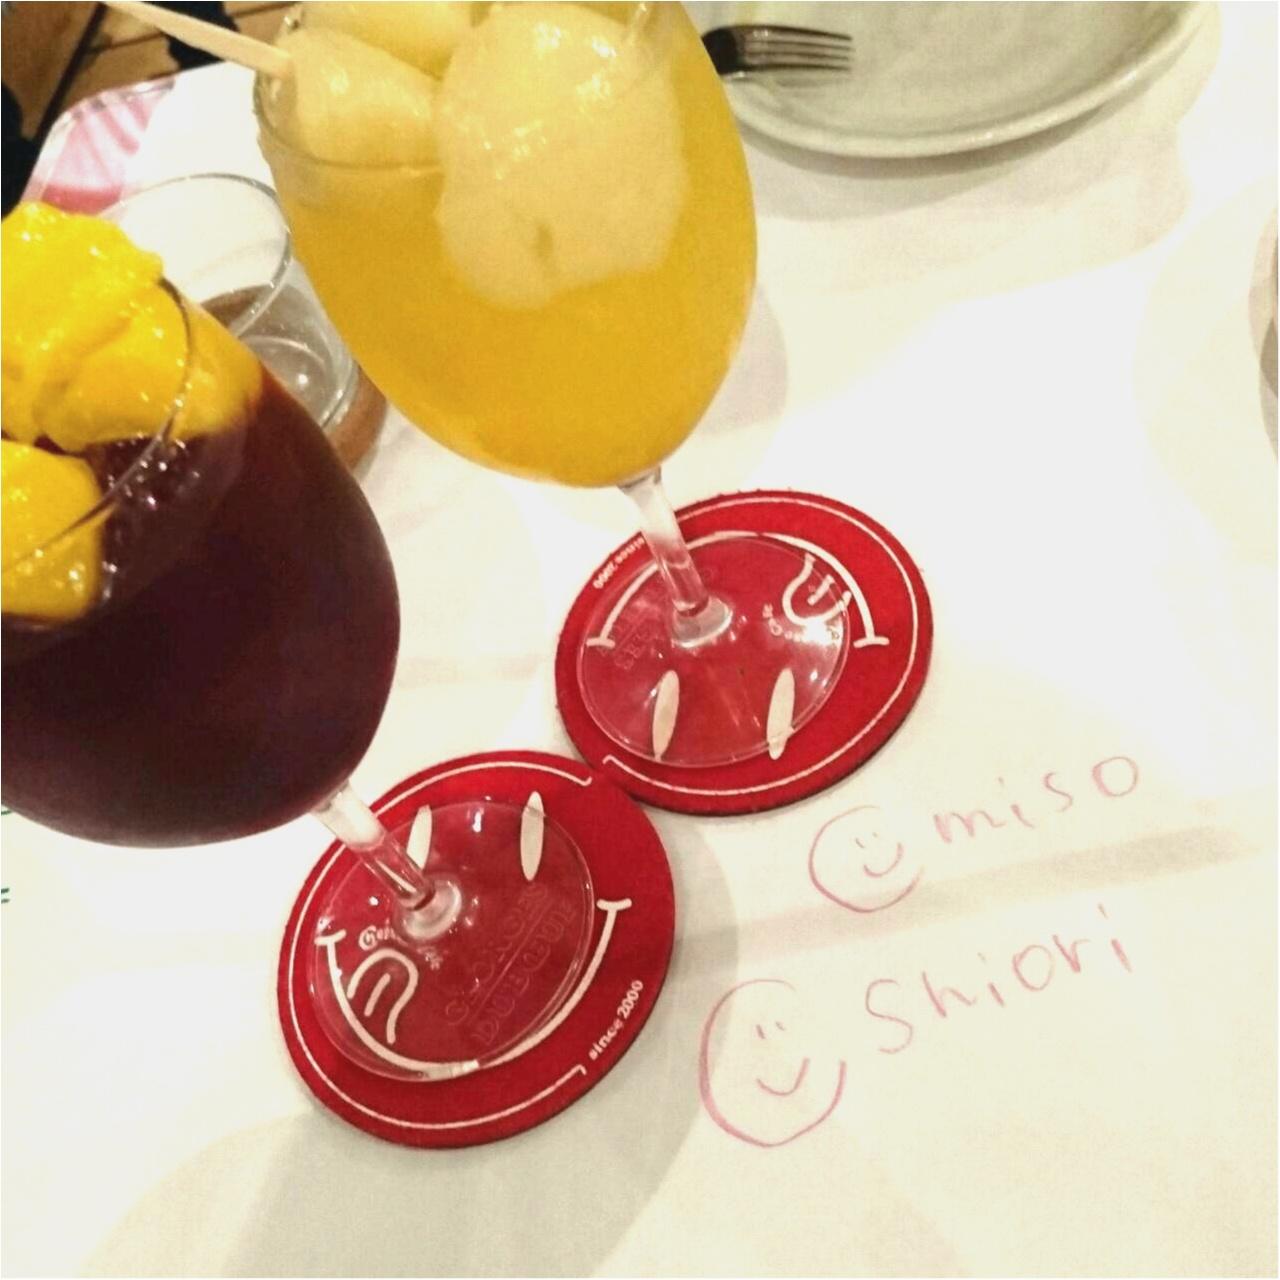 予約が取れない人気店!横浜チーズカフェに予約なしで入れちゃいました‼︎_2